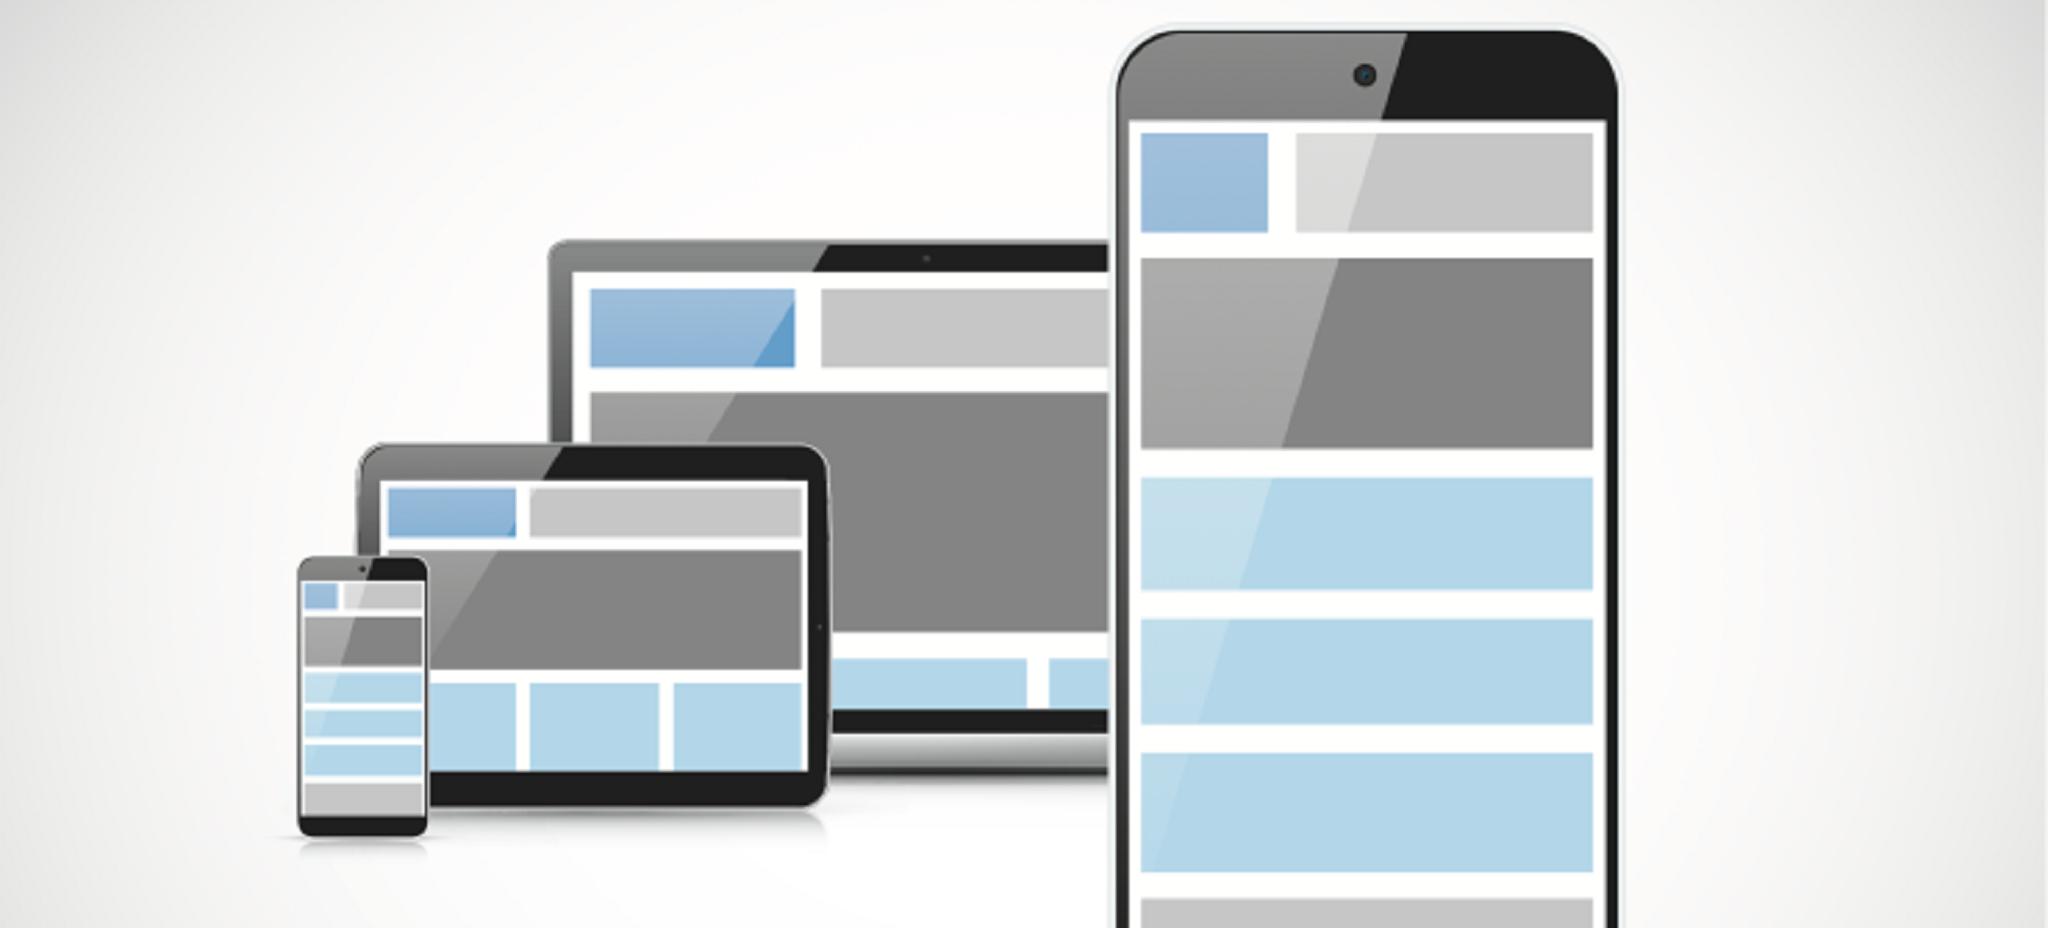 你的App追求行動第一,但骨子裡仍是桌機思維嗎?